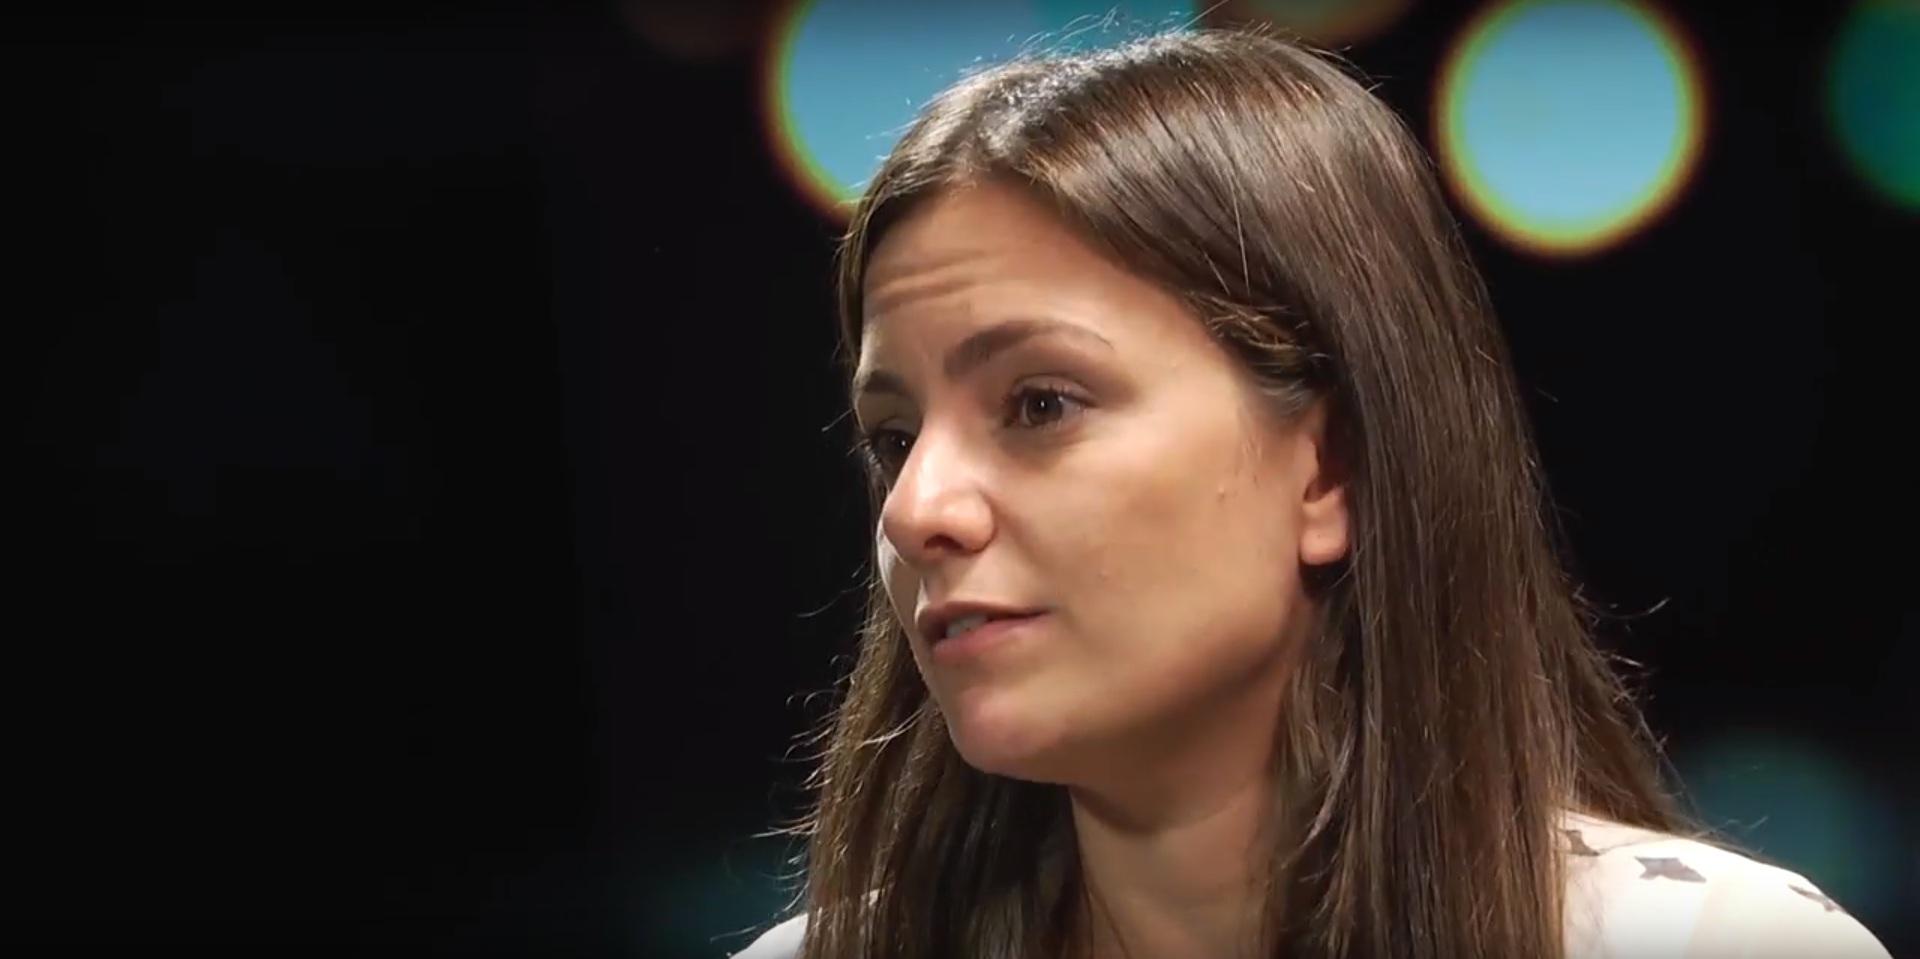 Oleada #2 | Cara a cara con Vanesa Siley – Barricada TV